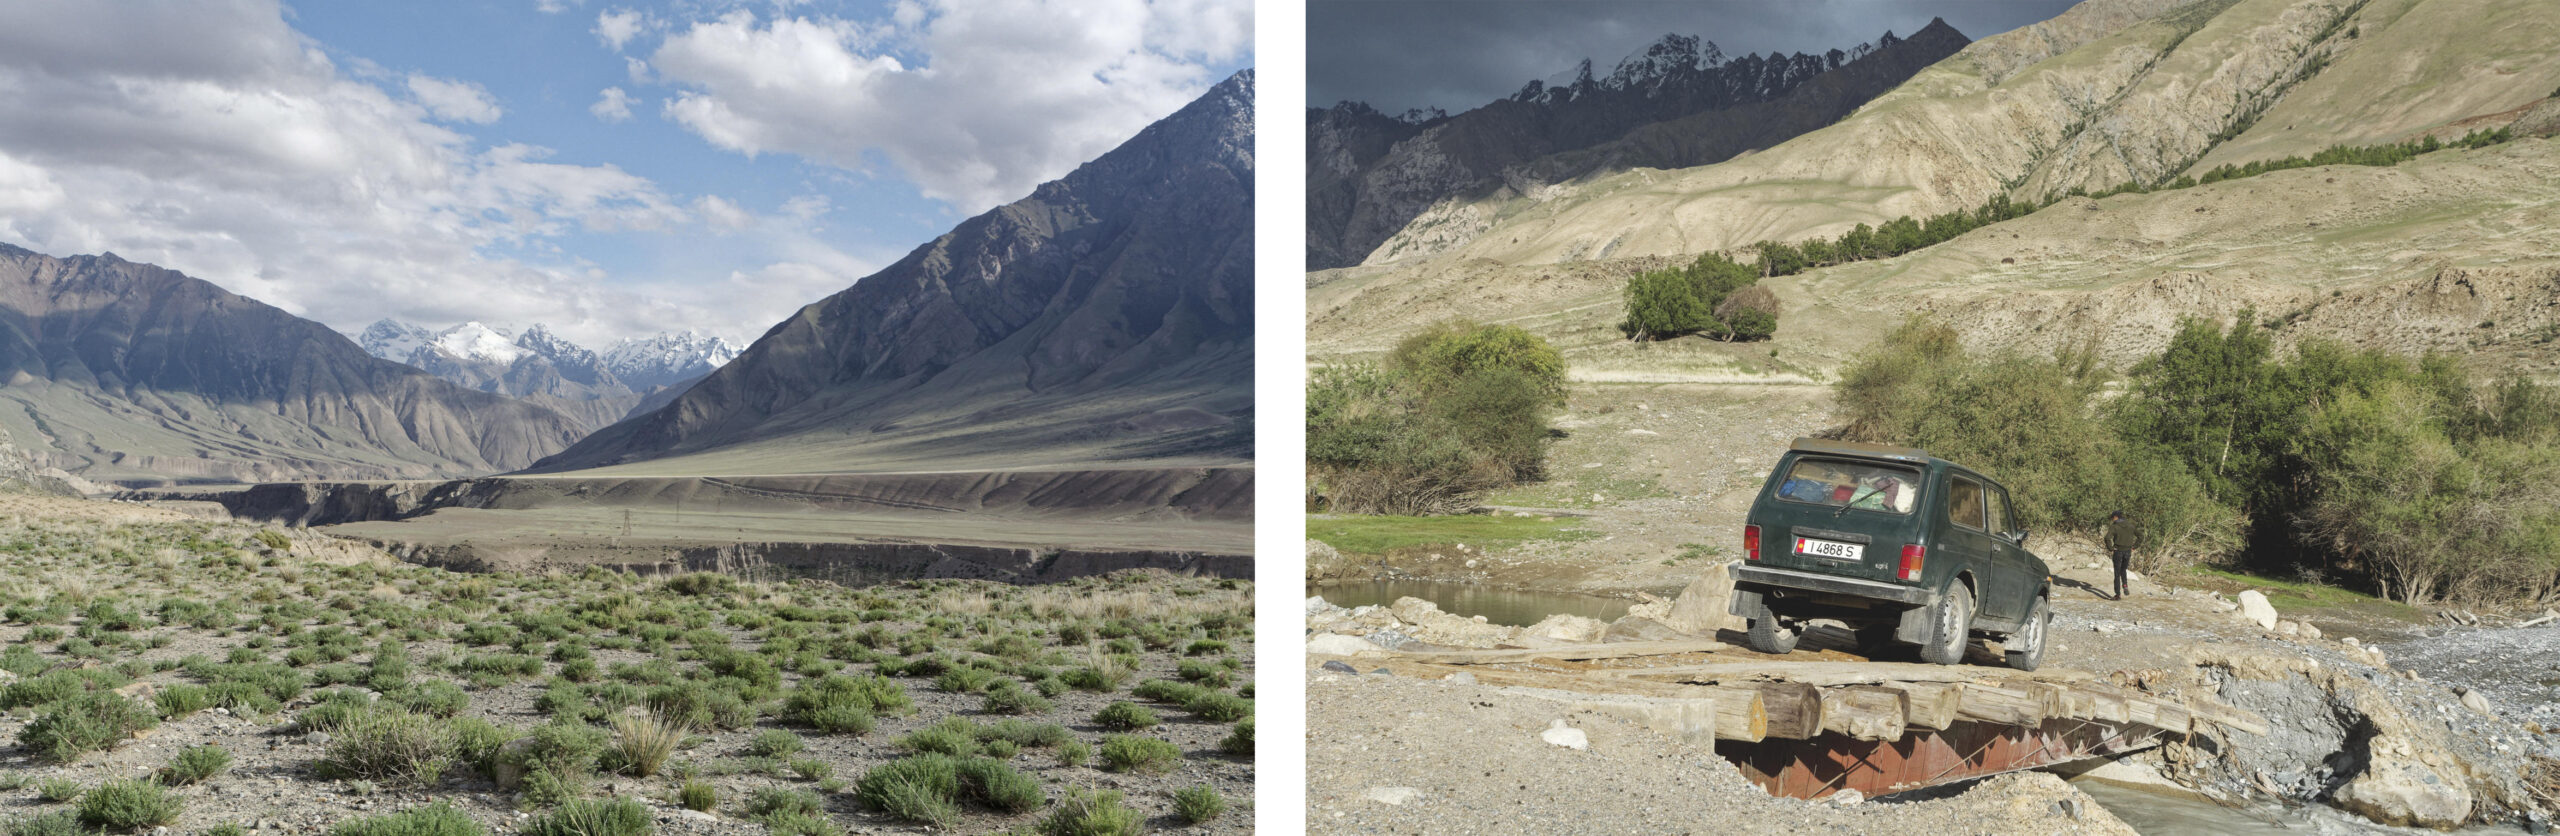 Paysage de montagne et lada niva sur un pont région d'Inylchek Kirghizstan